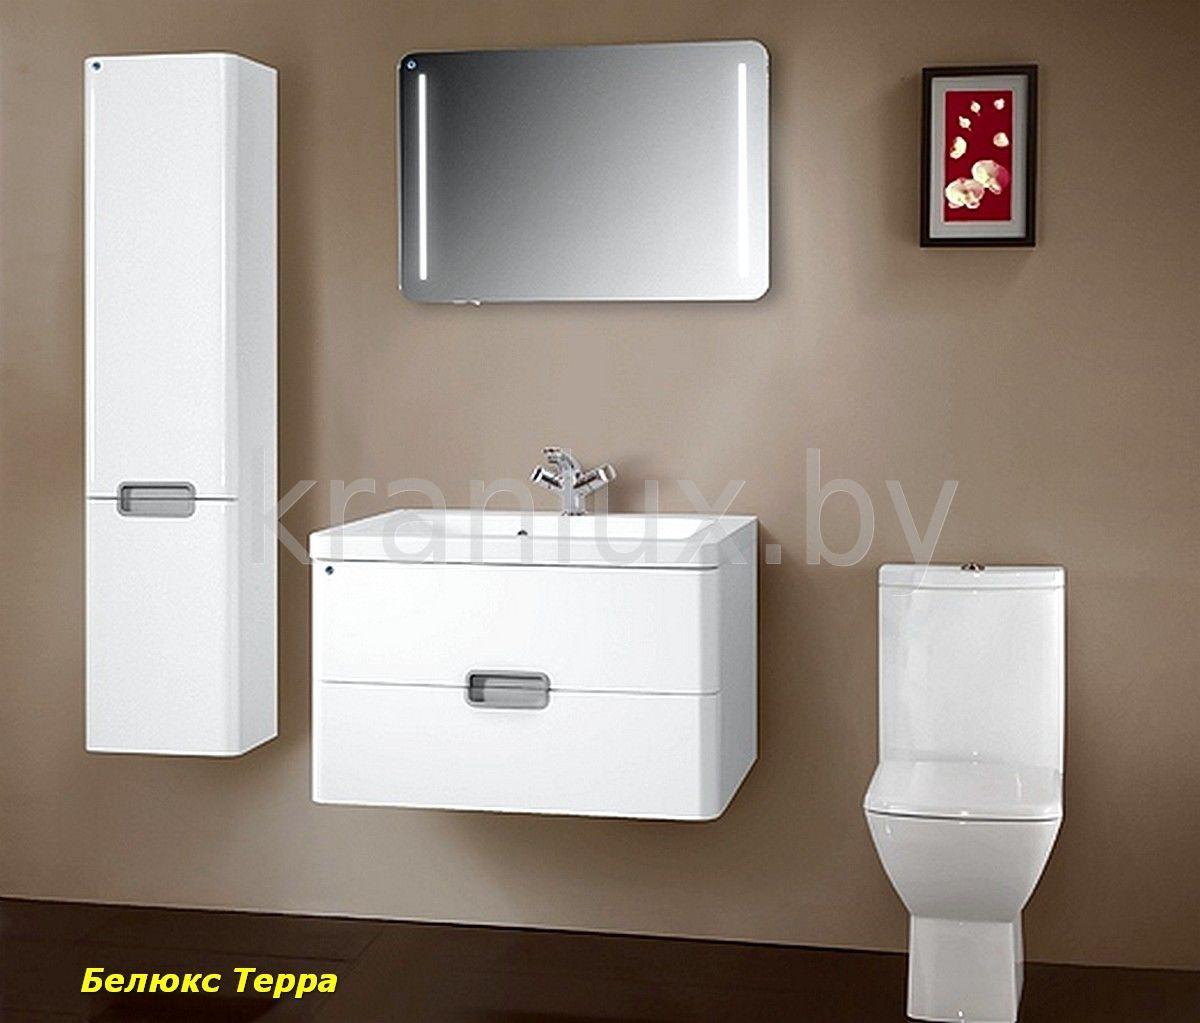 Терра мебель для ванной omoikiri смеситель купить